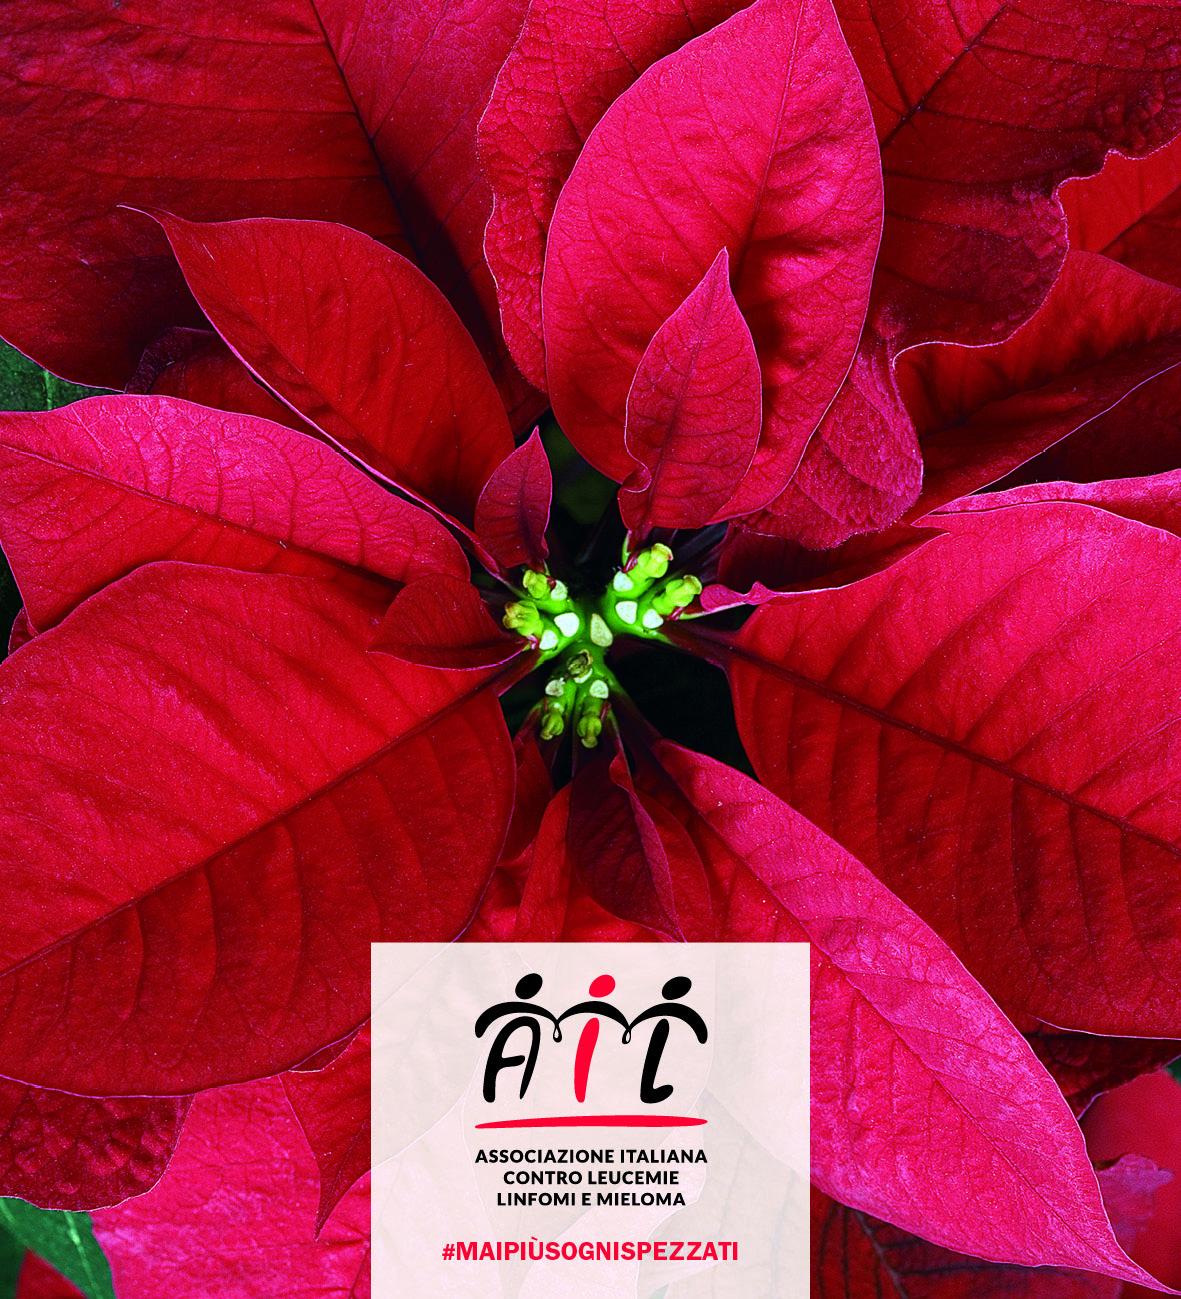 Stella Di Natale Ail 2021.Ail Torna L Appuntamento Con La Solidarieta Delle Stelle Di Natale Il 5 6 7 E 8 Dicembre Sanita Informazione